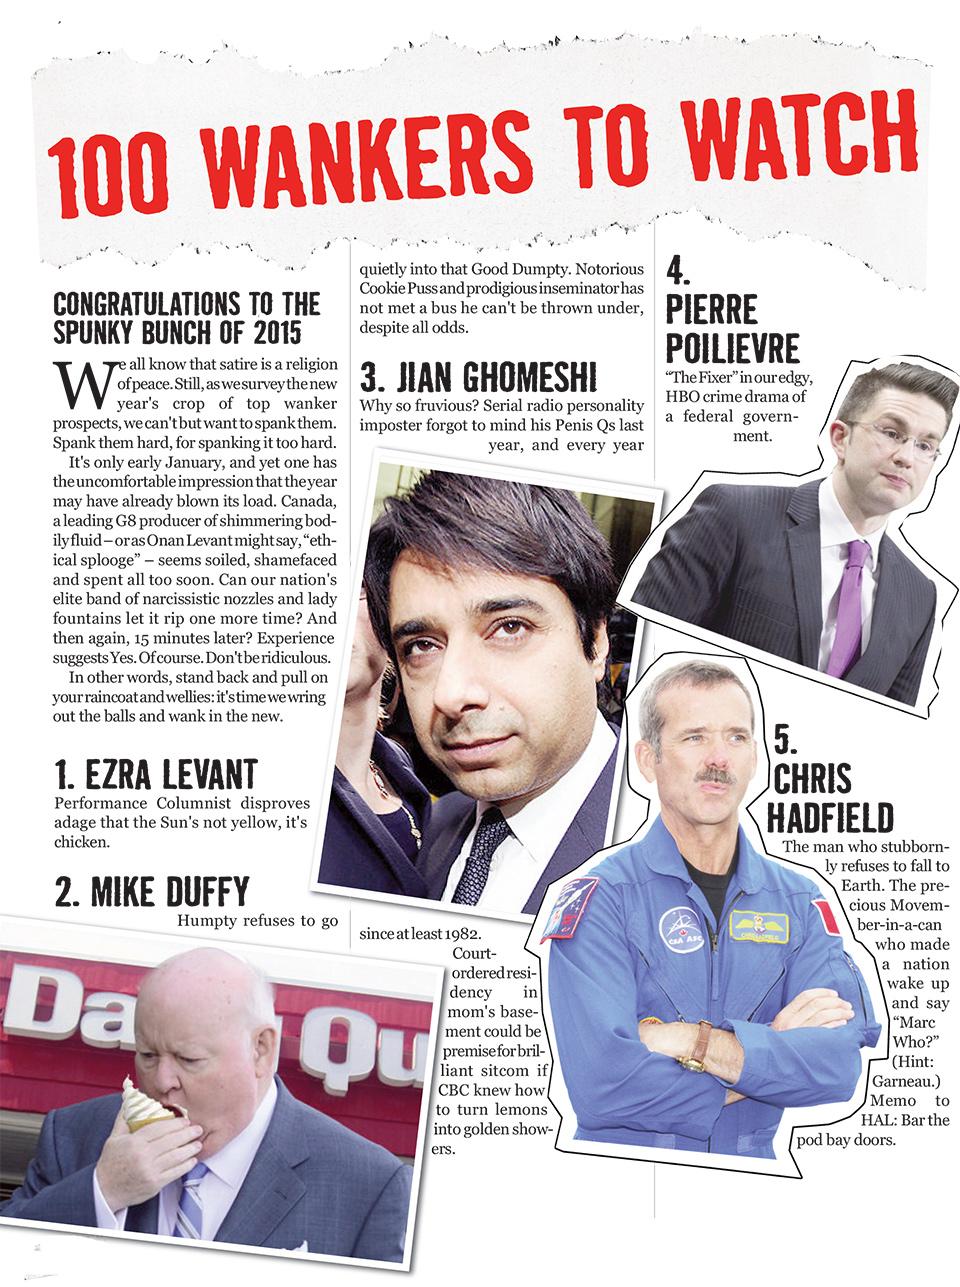 wankers-1-5